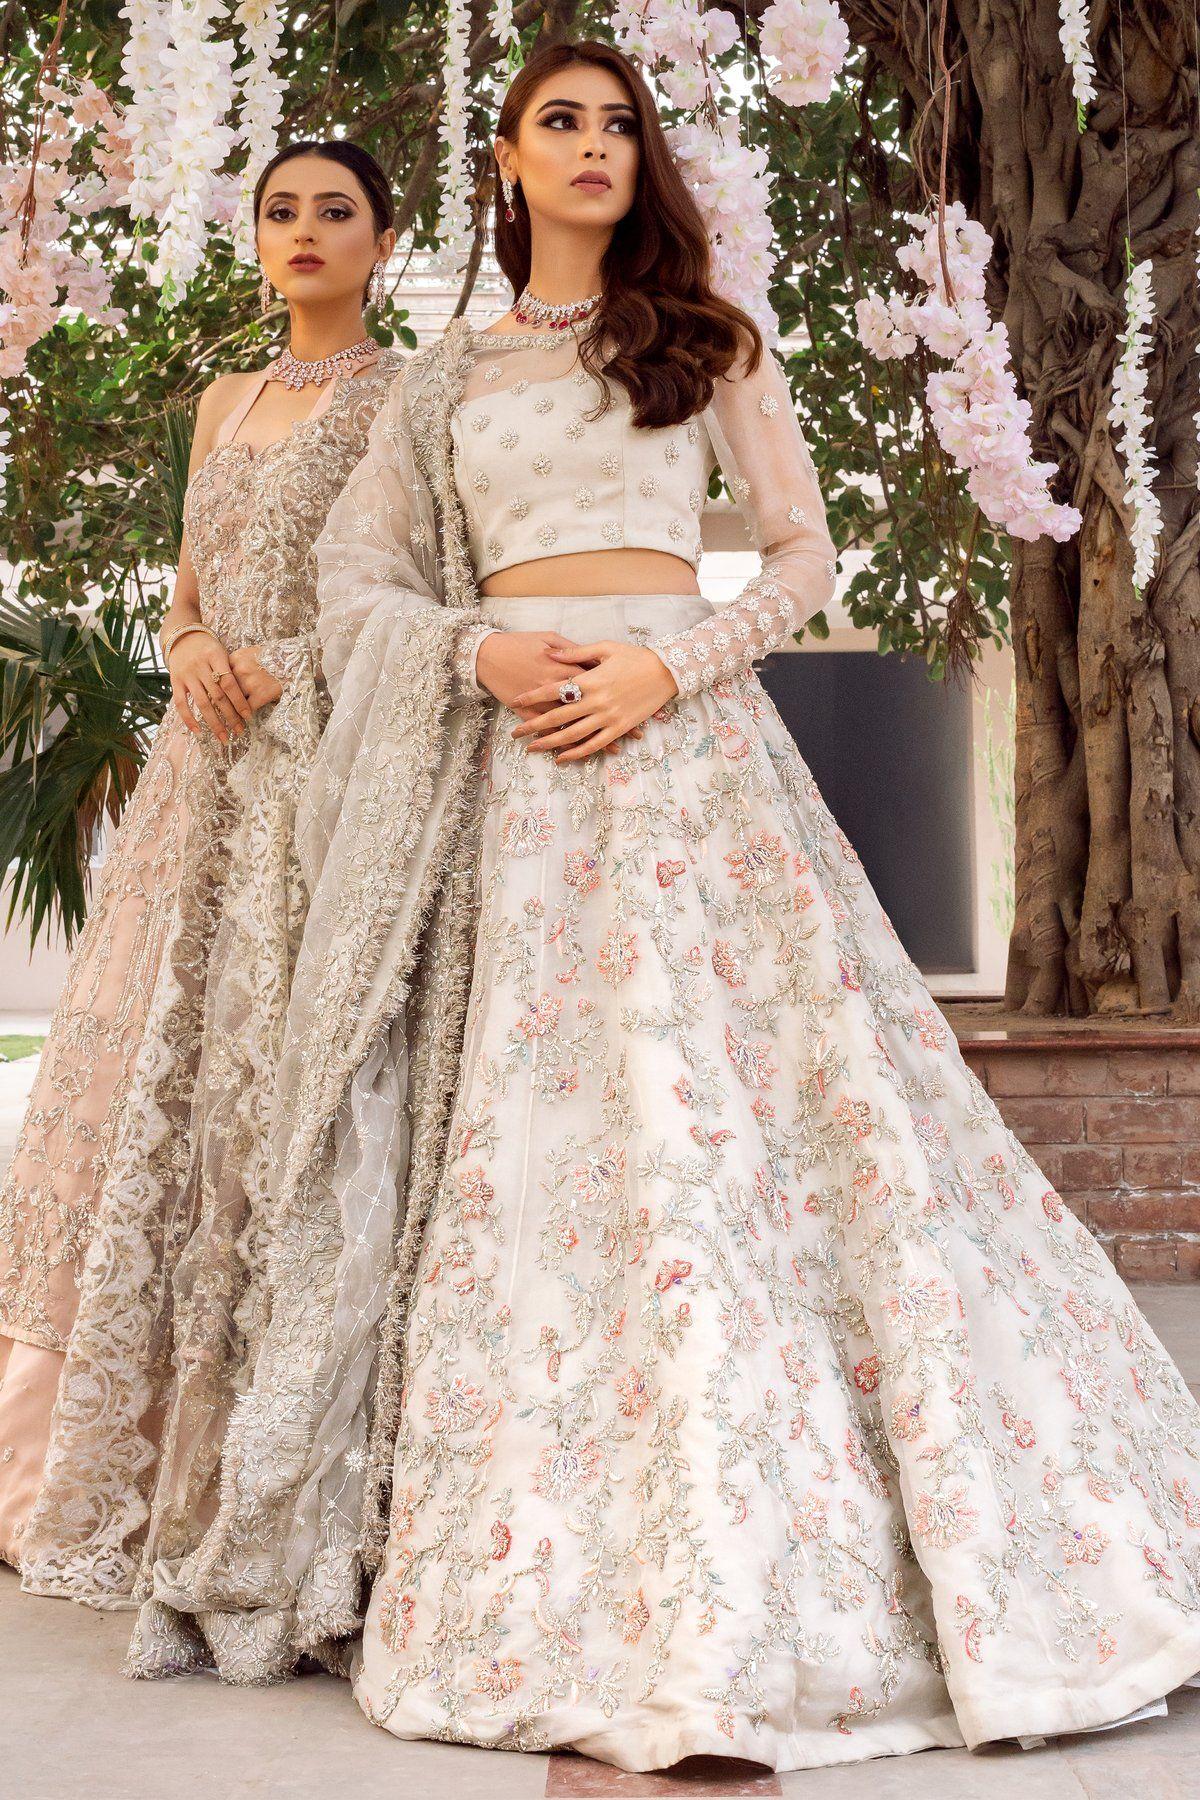 Afrin Bridal Lehenga Indian Bridal Outfits Indian Bridal Dress Bridal Outfits